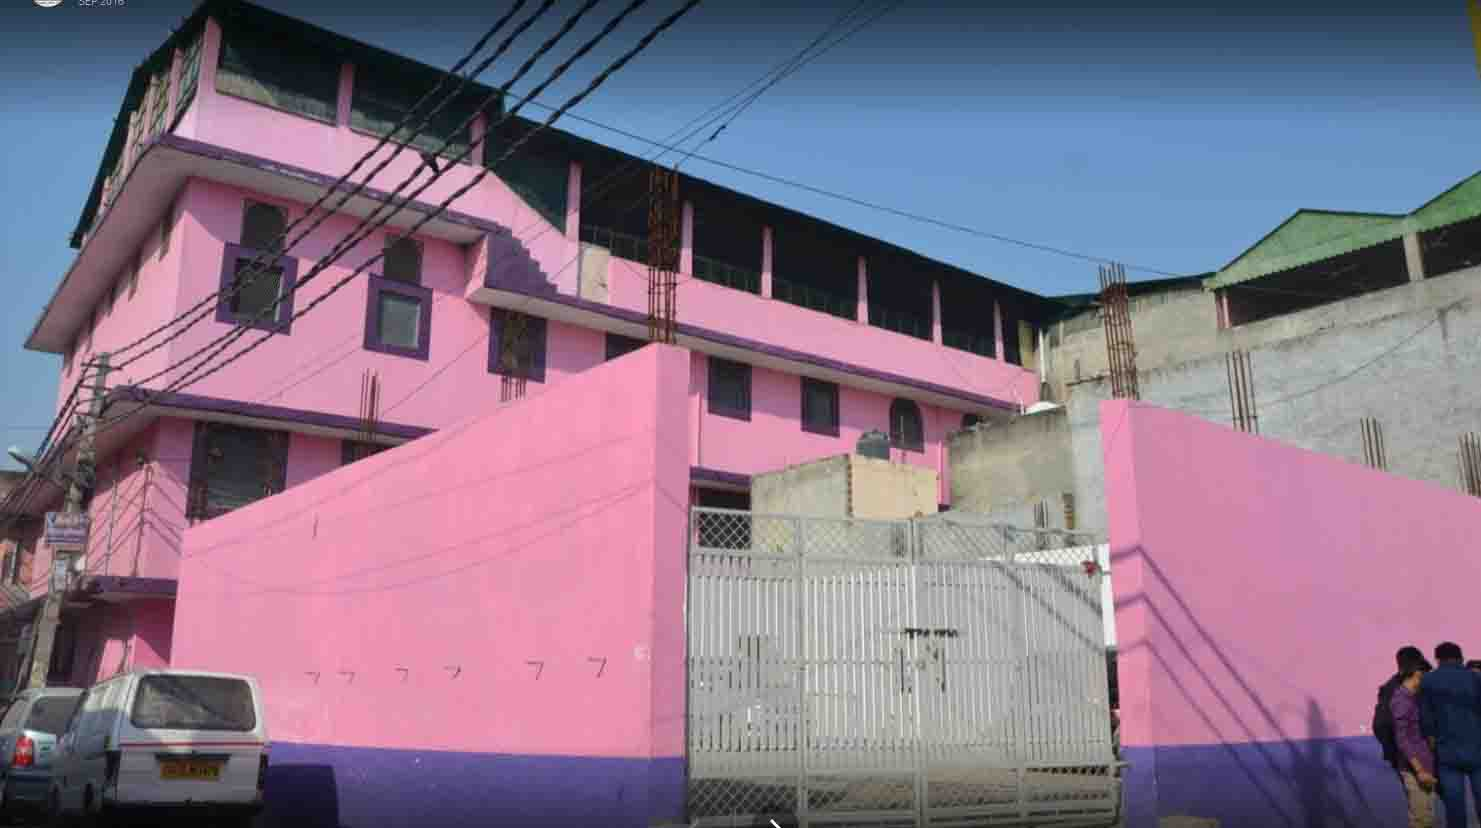 MOUNT OLIVET SCHOOL STREET NO 100 B BLOCK SANT NAGAR BURARI DELHI 2730380